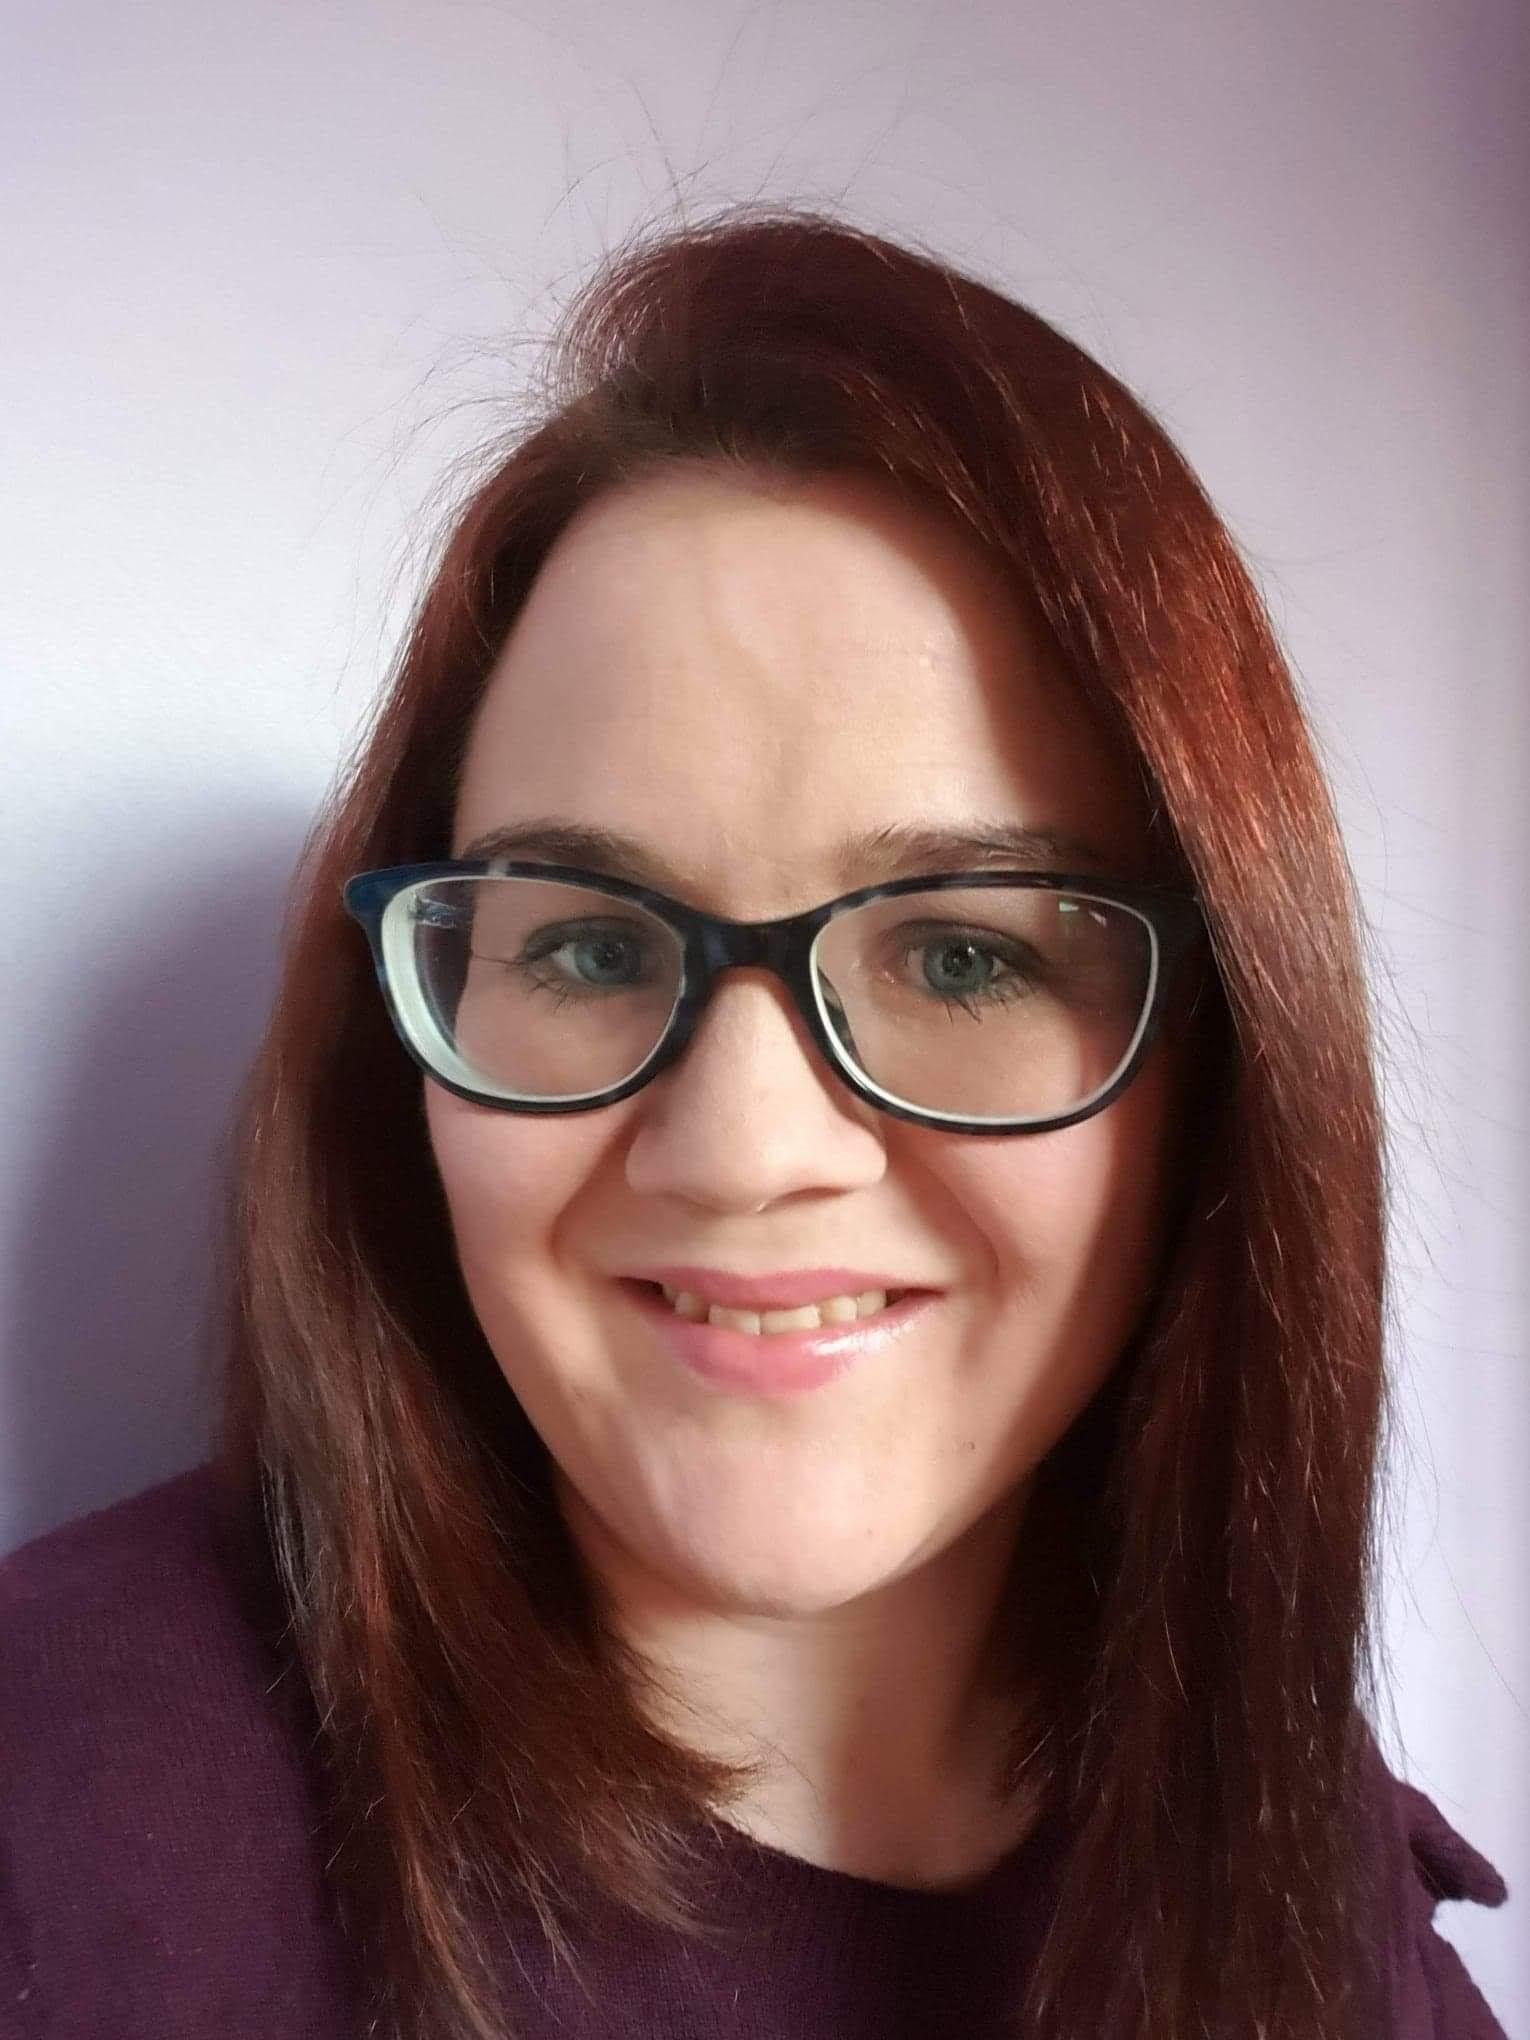 Image of former patient: Elizabeth Campbell